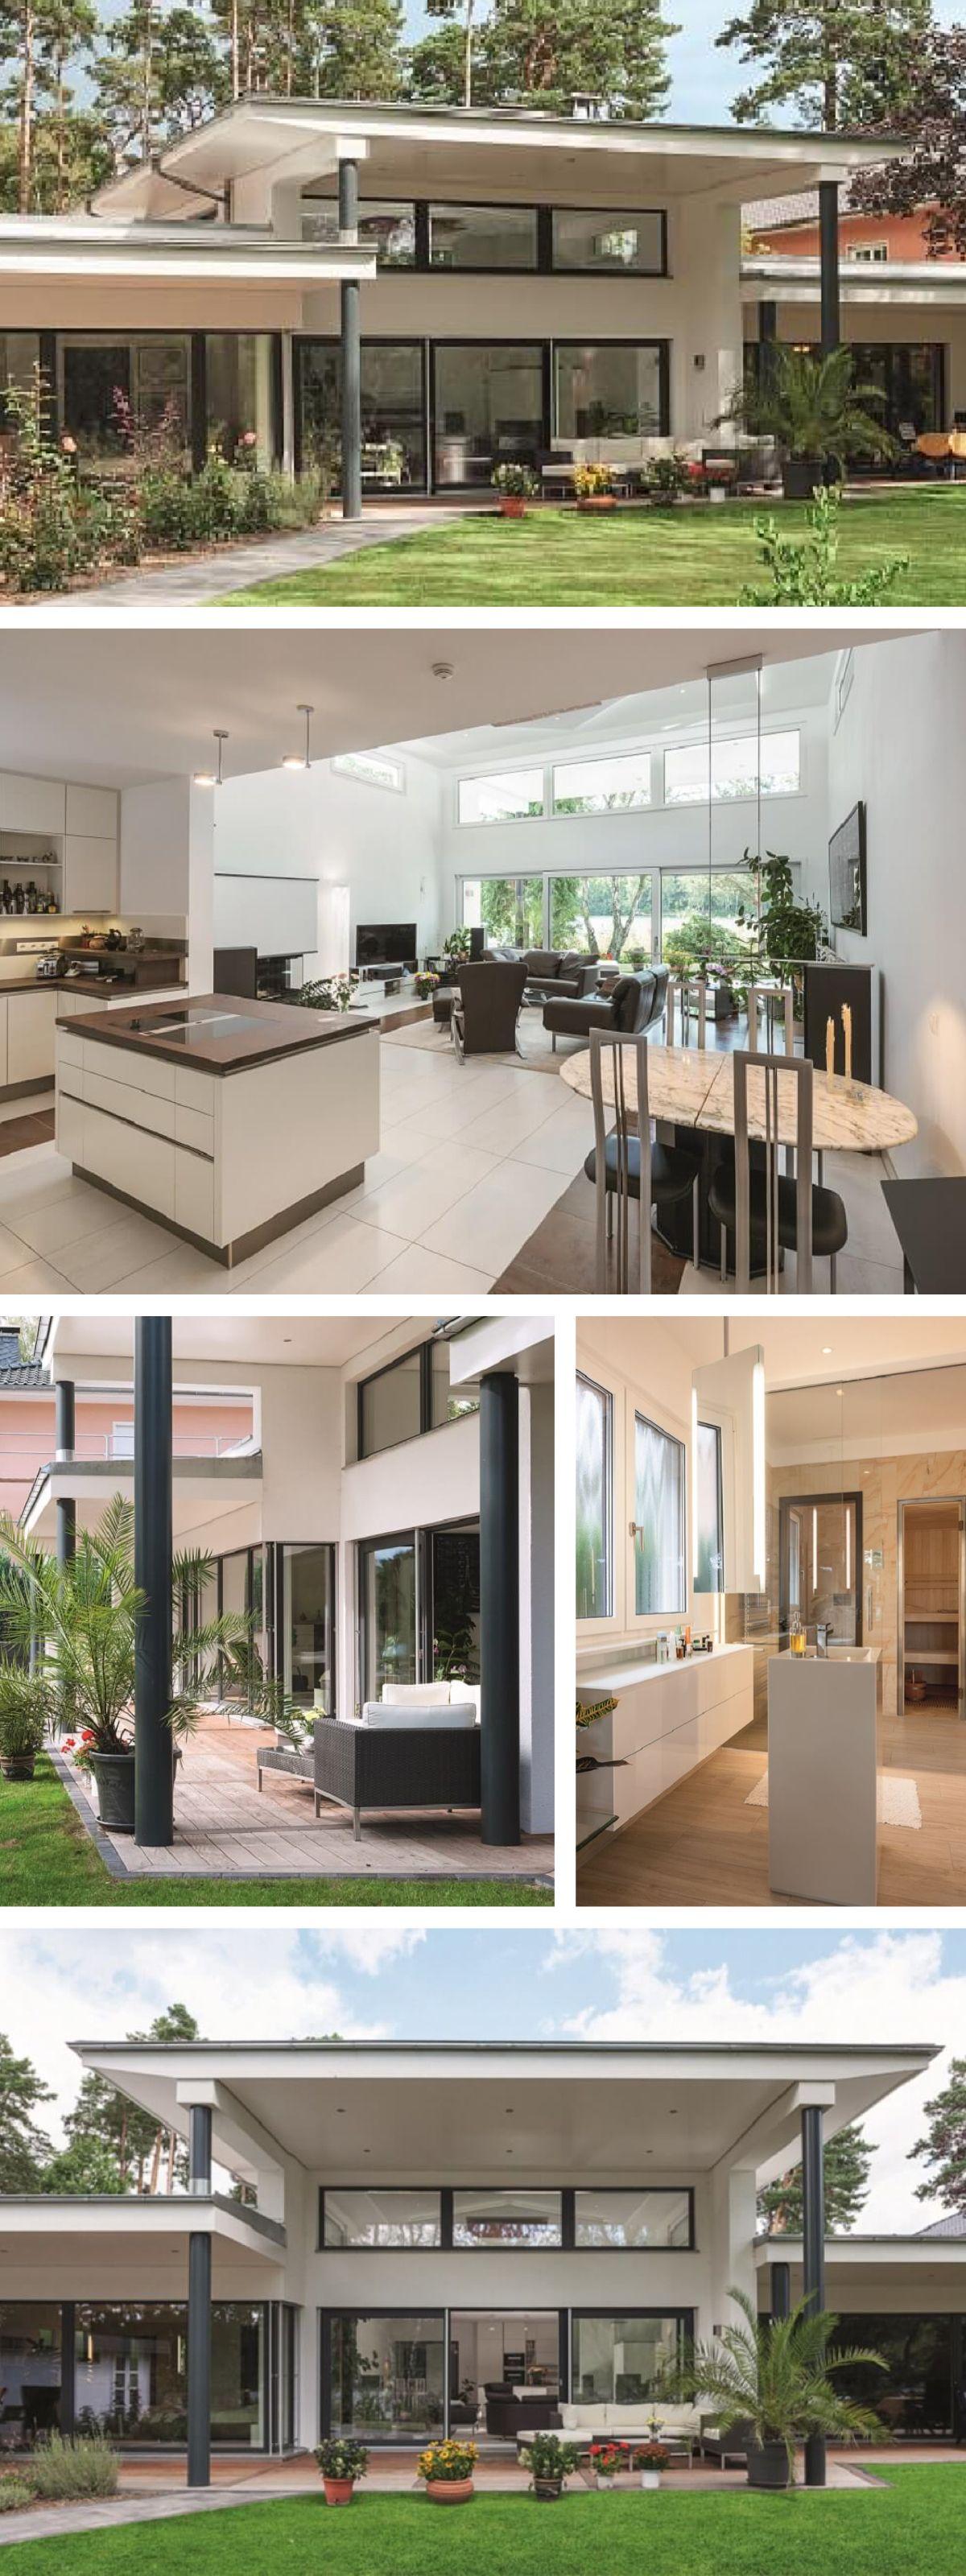 Bungalow Haus modern mit Flachdach Architektur & Kamin